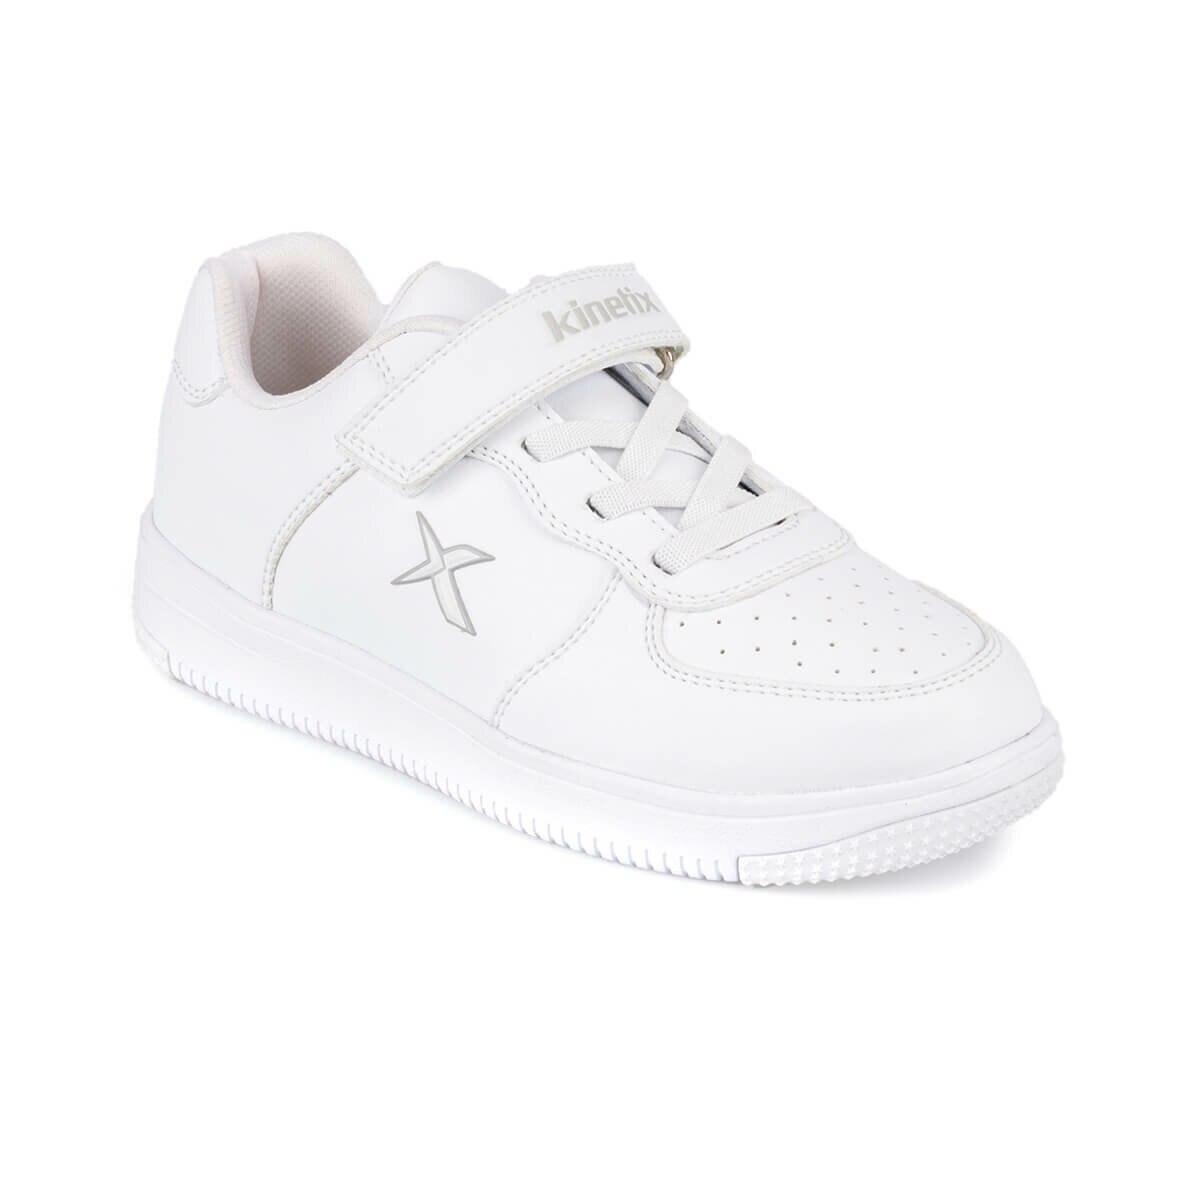 FLO KALEN 9PR White Male Child Sneaker Shoes KINETIX